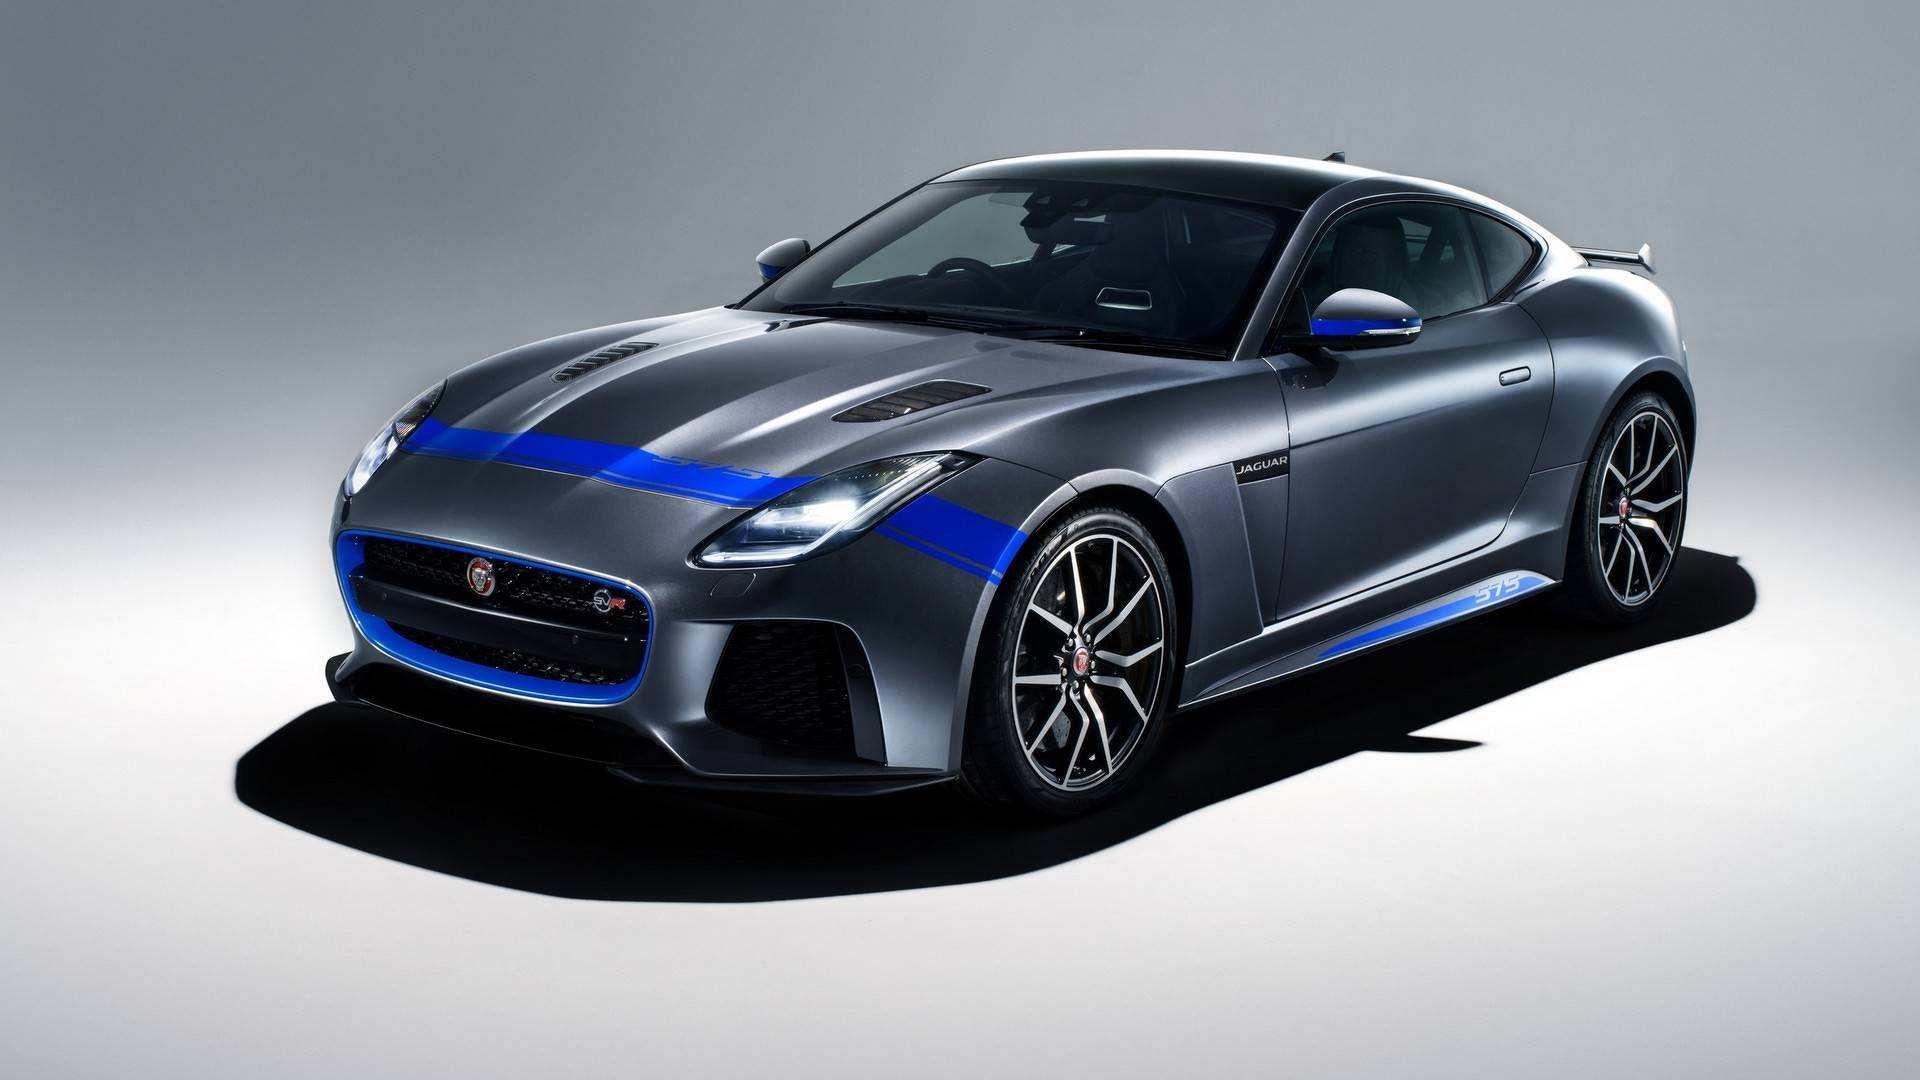 67 All New 2020 Jaguar F Type Rumors for 2020 Jaguar F Type